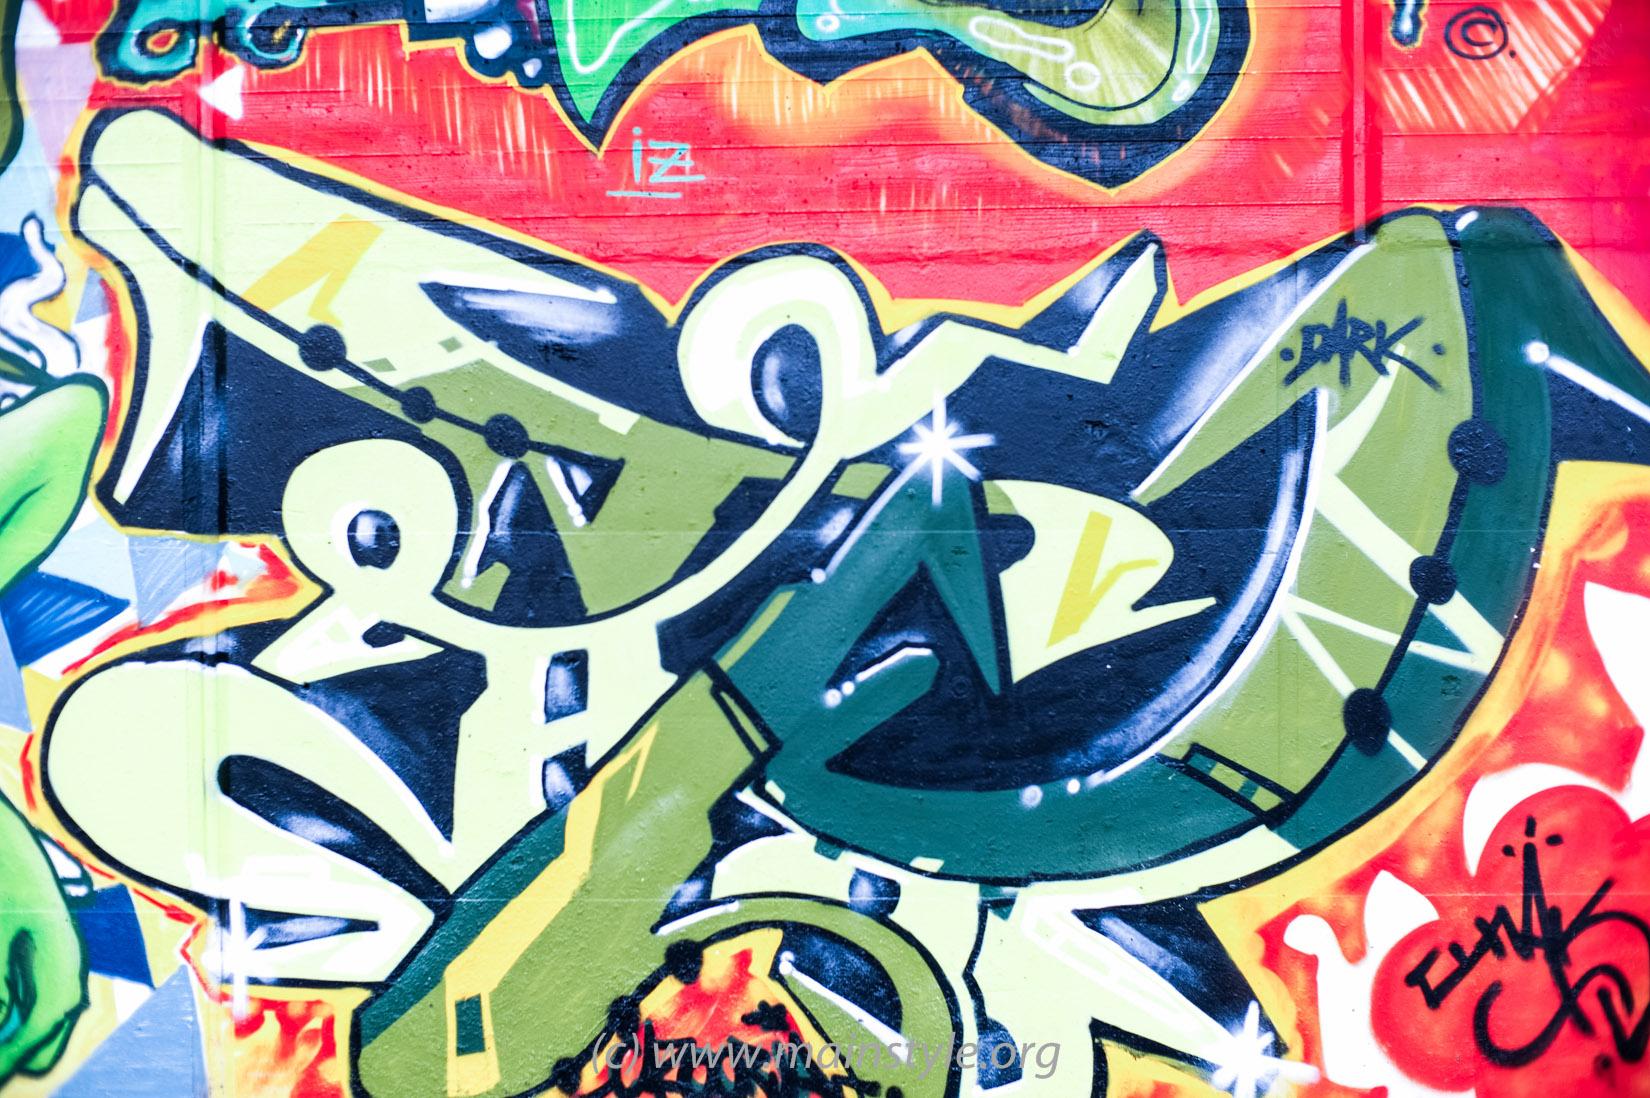 Frankfurt-Höchst_Graffiti_Süwag-Wall_2012 (9 von 35)